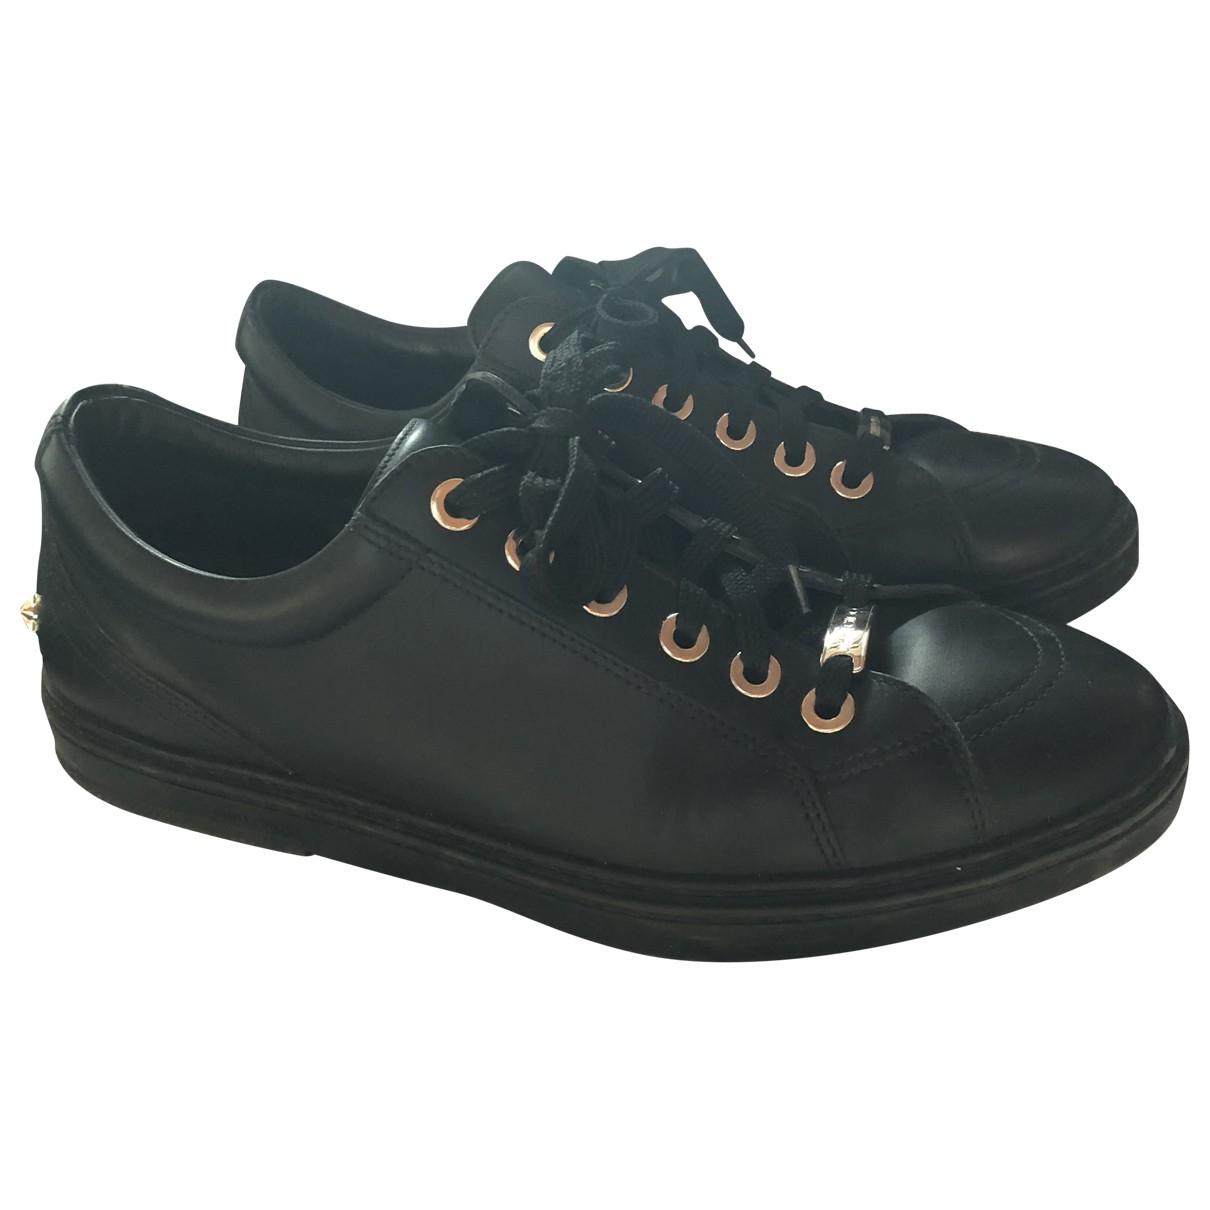 Jimmy Choo - Baskets   pour homme en cuir - noir